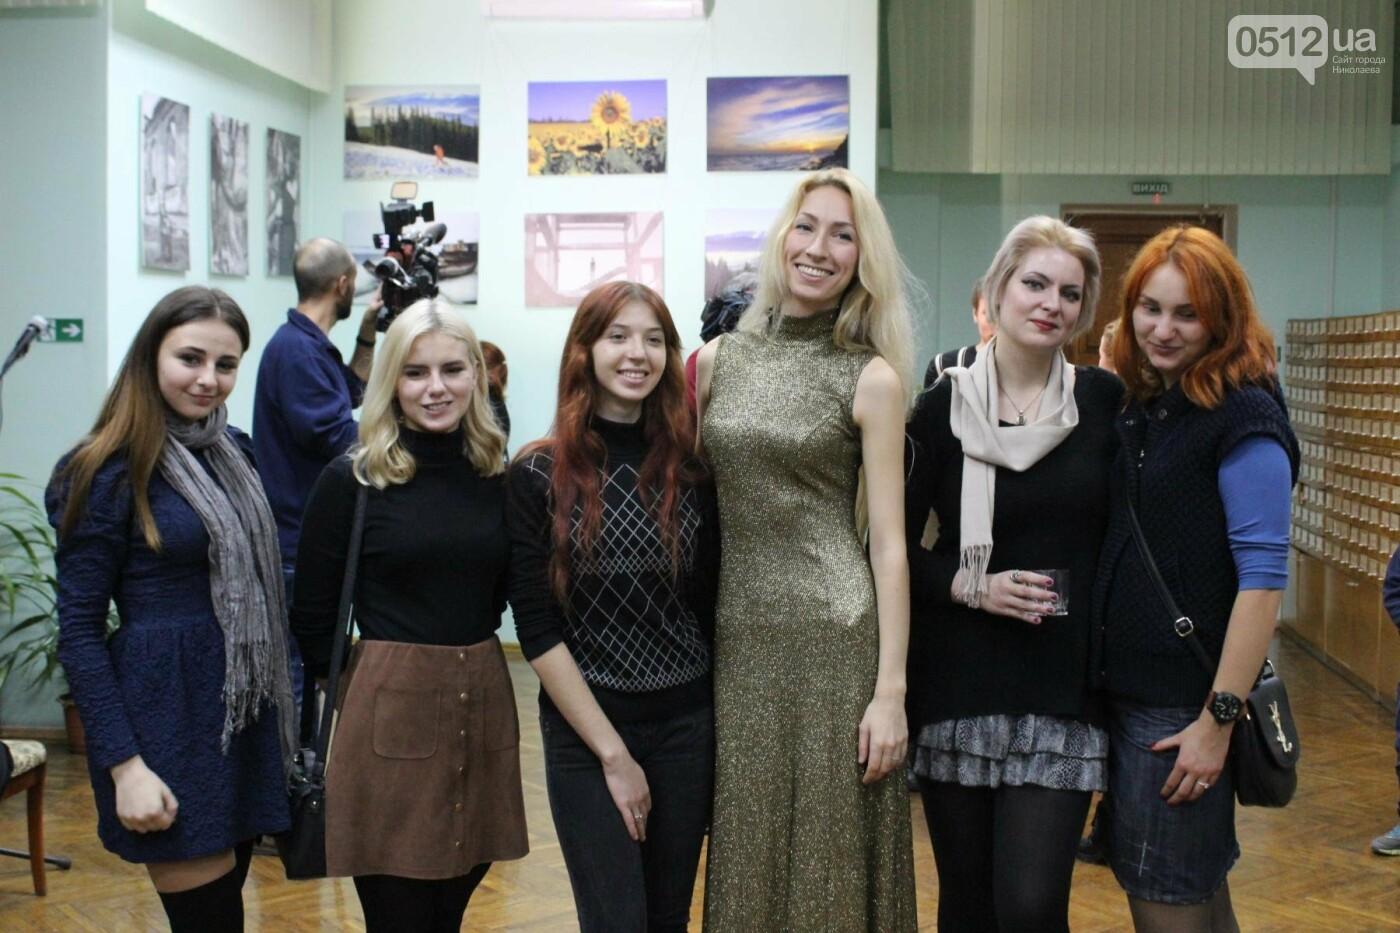 Николаевский фотограф Слава Поседай представила новую выставку «12+1» (ФОТО), фото-15